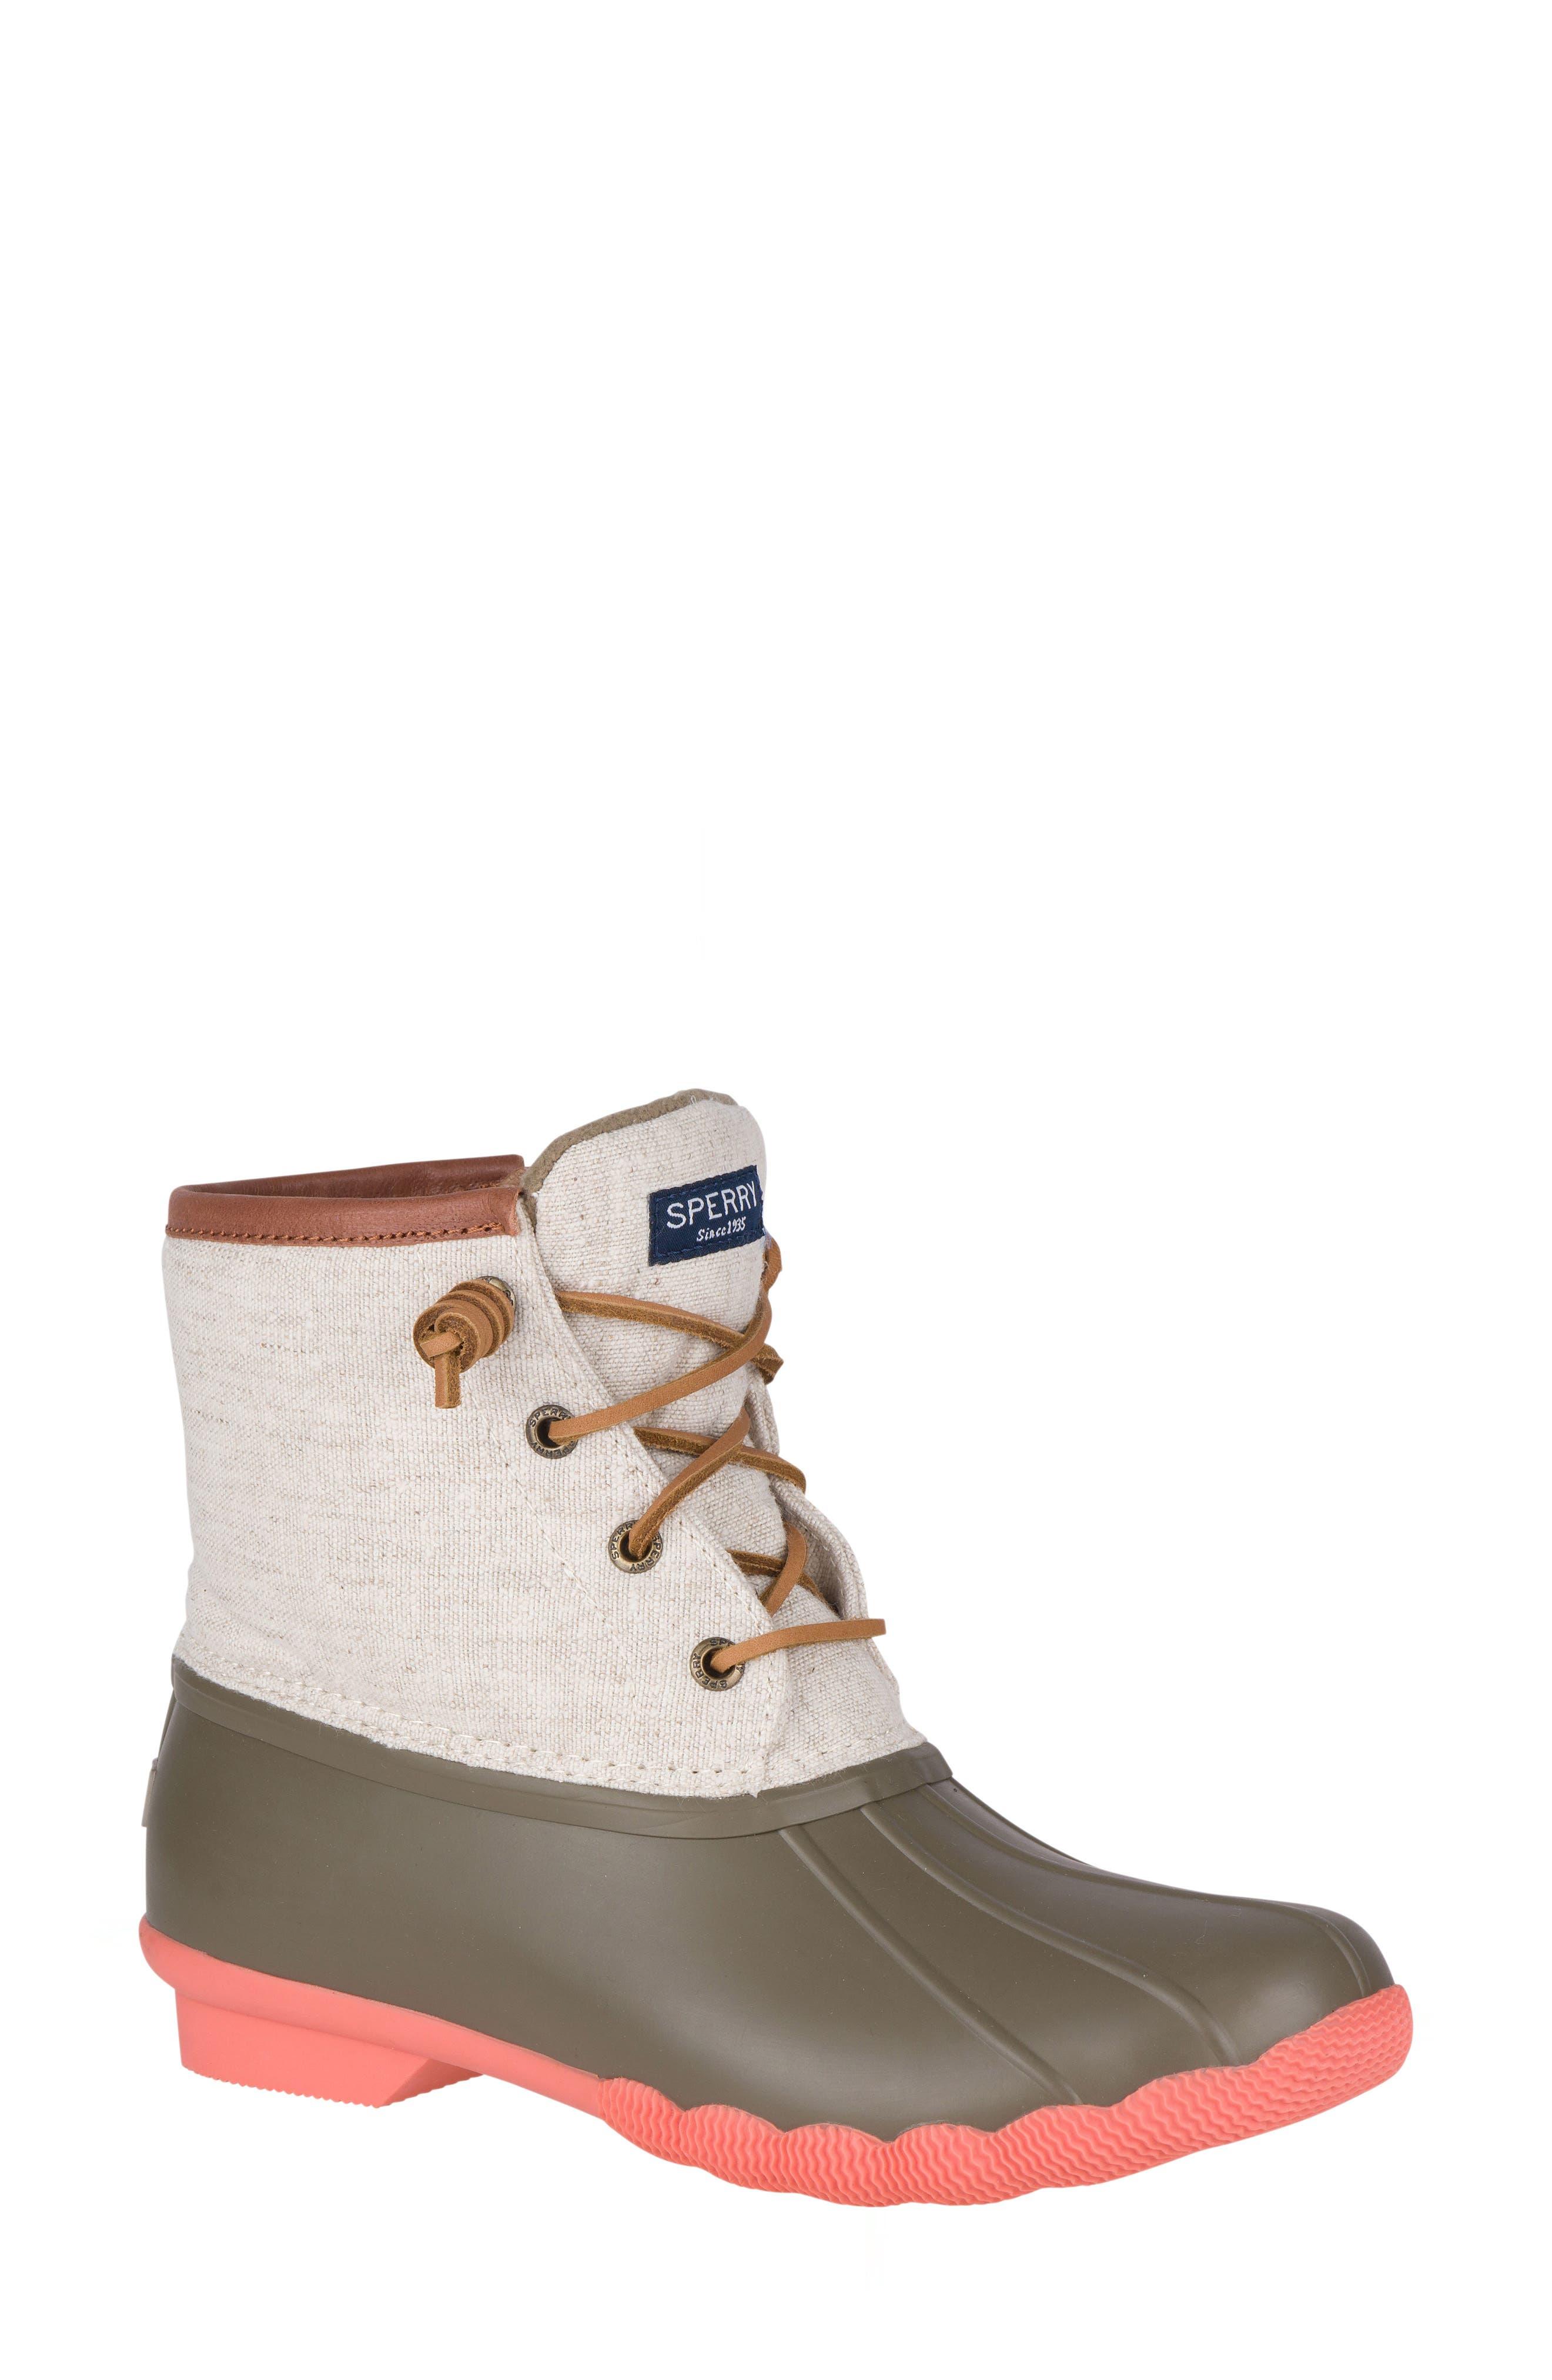 Sperry | Saltwater Waterproof Duck Boot